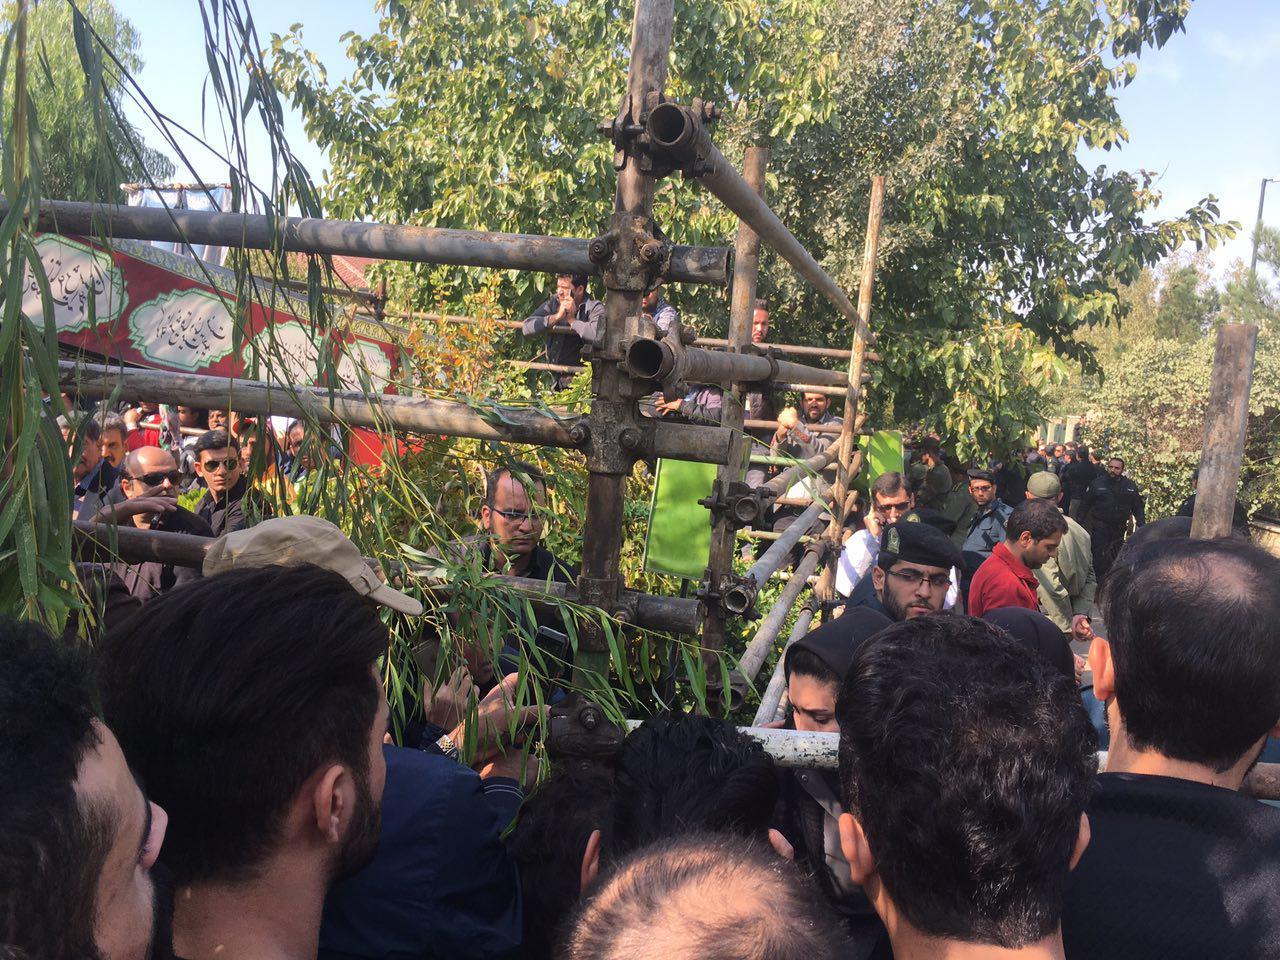 لحظه به لحظه با مراسم تشییع پیکر منصور پورحیدری/وداع تلخ در بازار داغ عکس های سلفی+عکس و فیلم